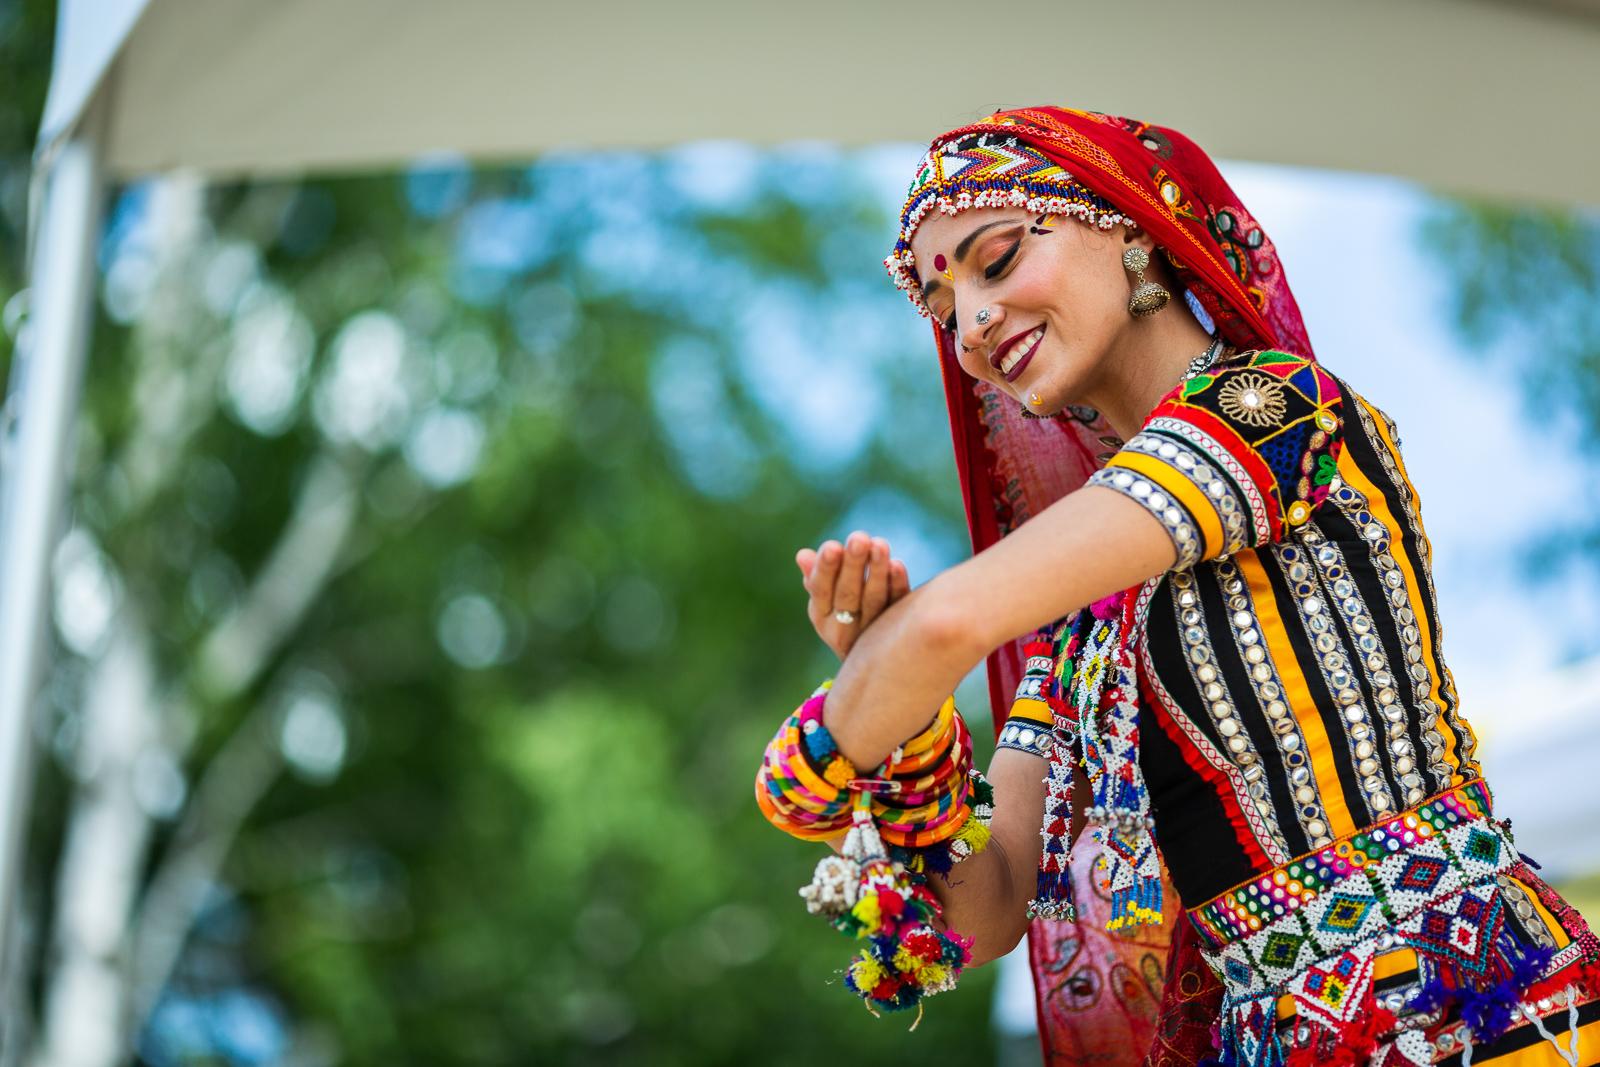 festival-of-india-2019-blog-43.jpg